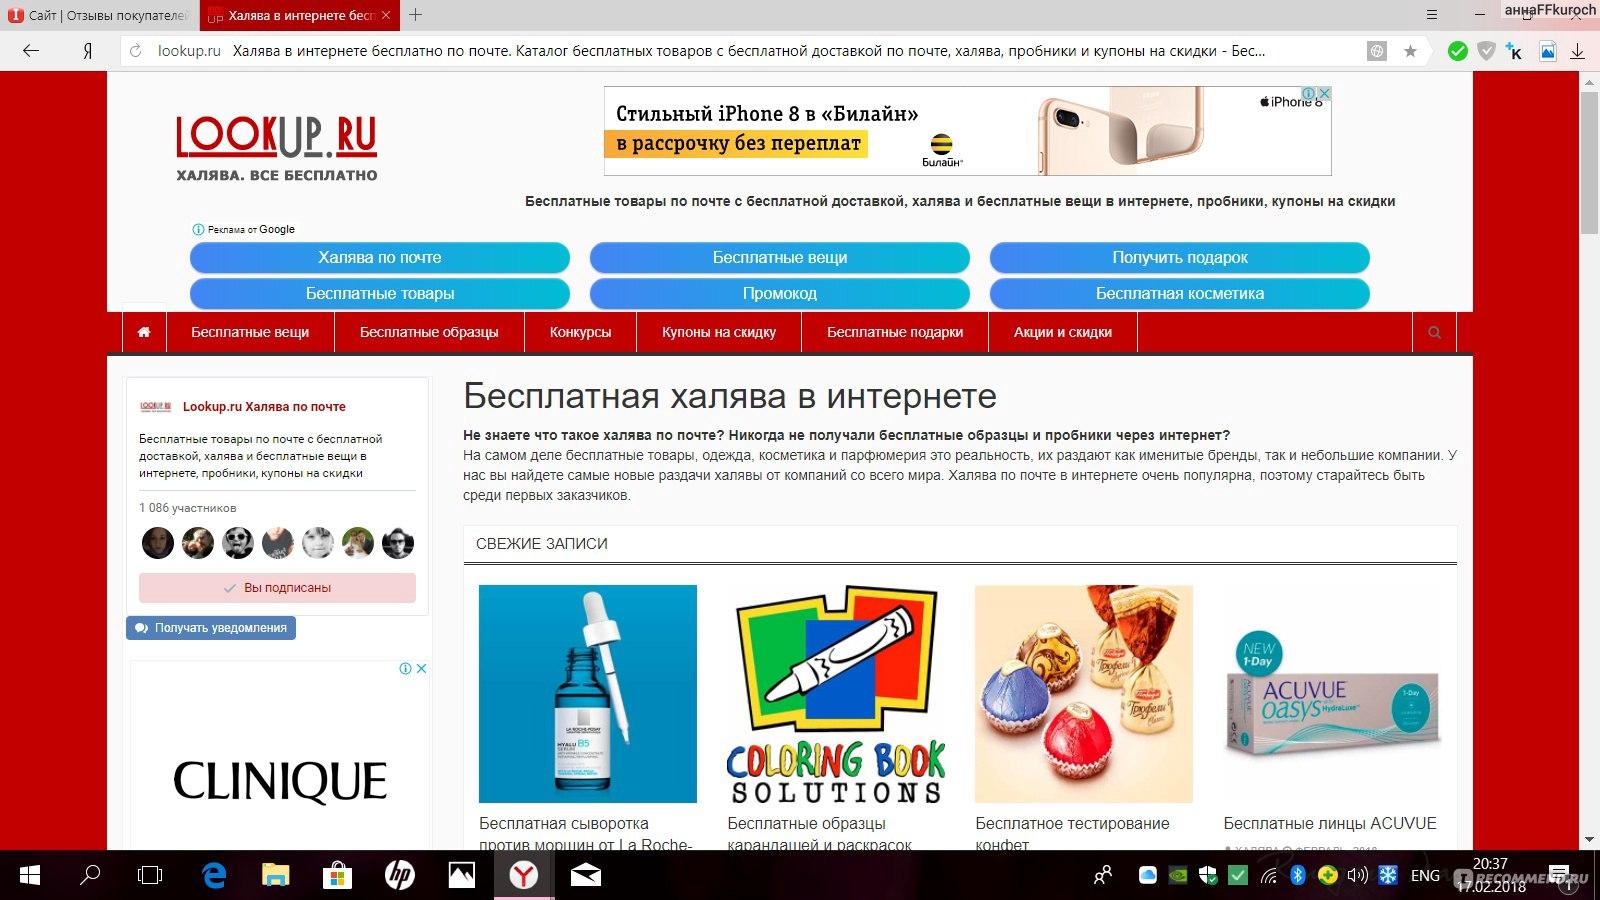 сайт халява ru